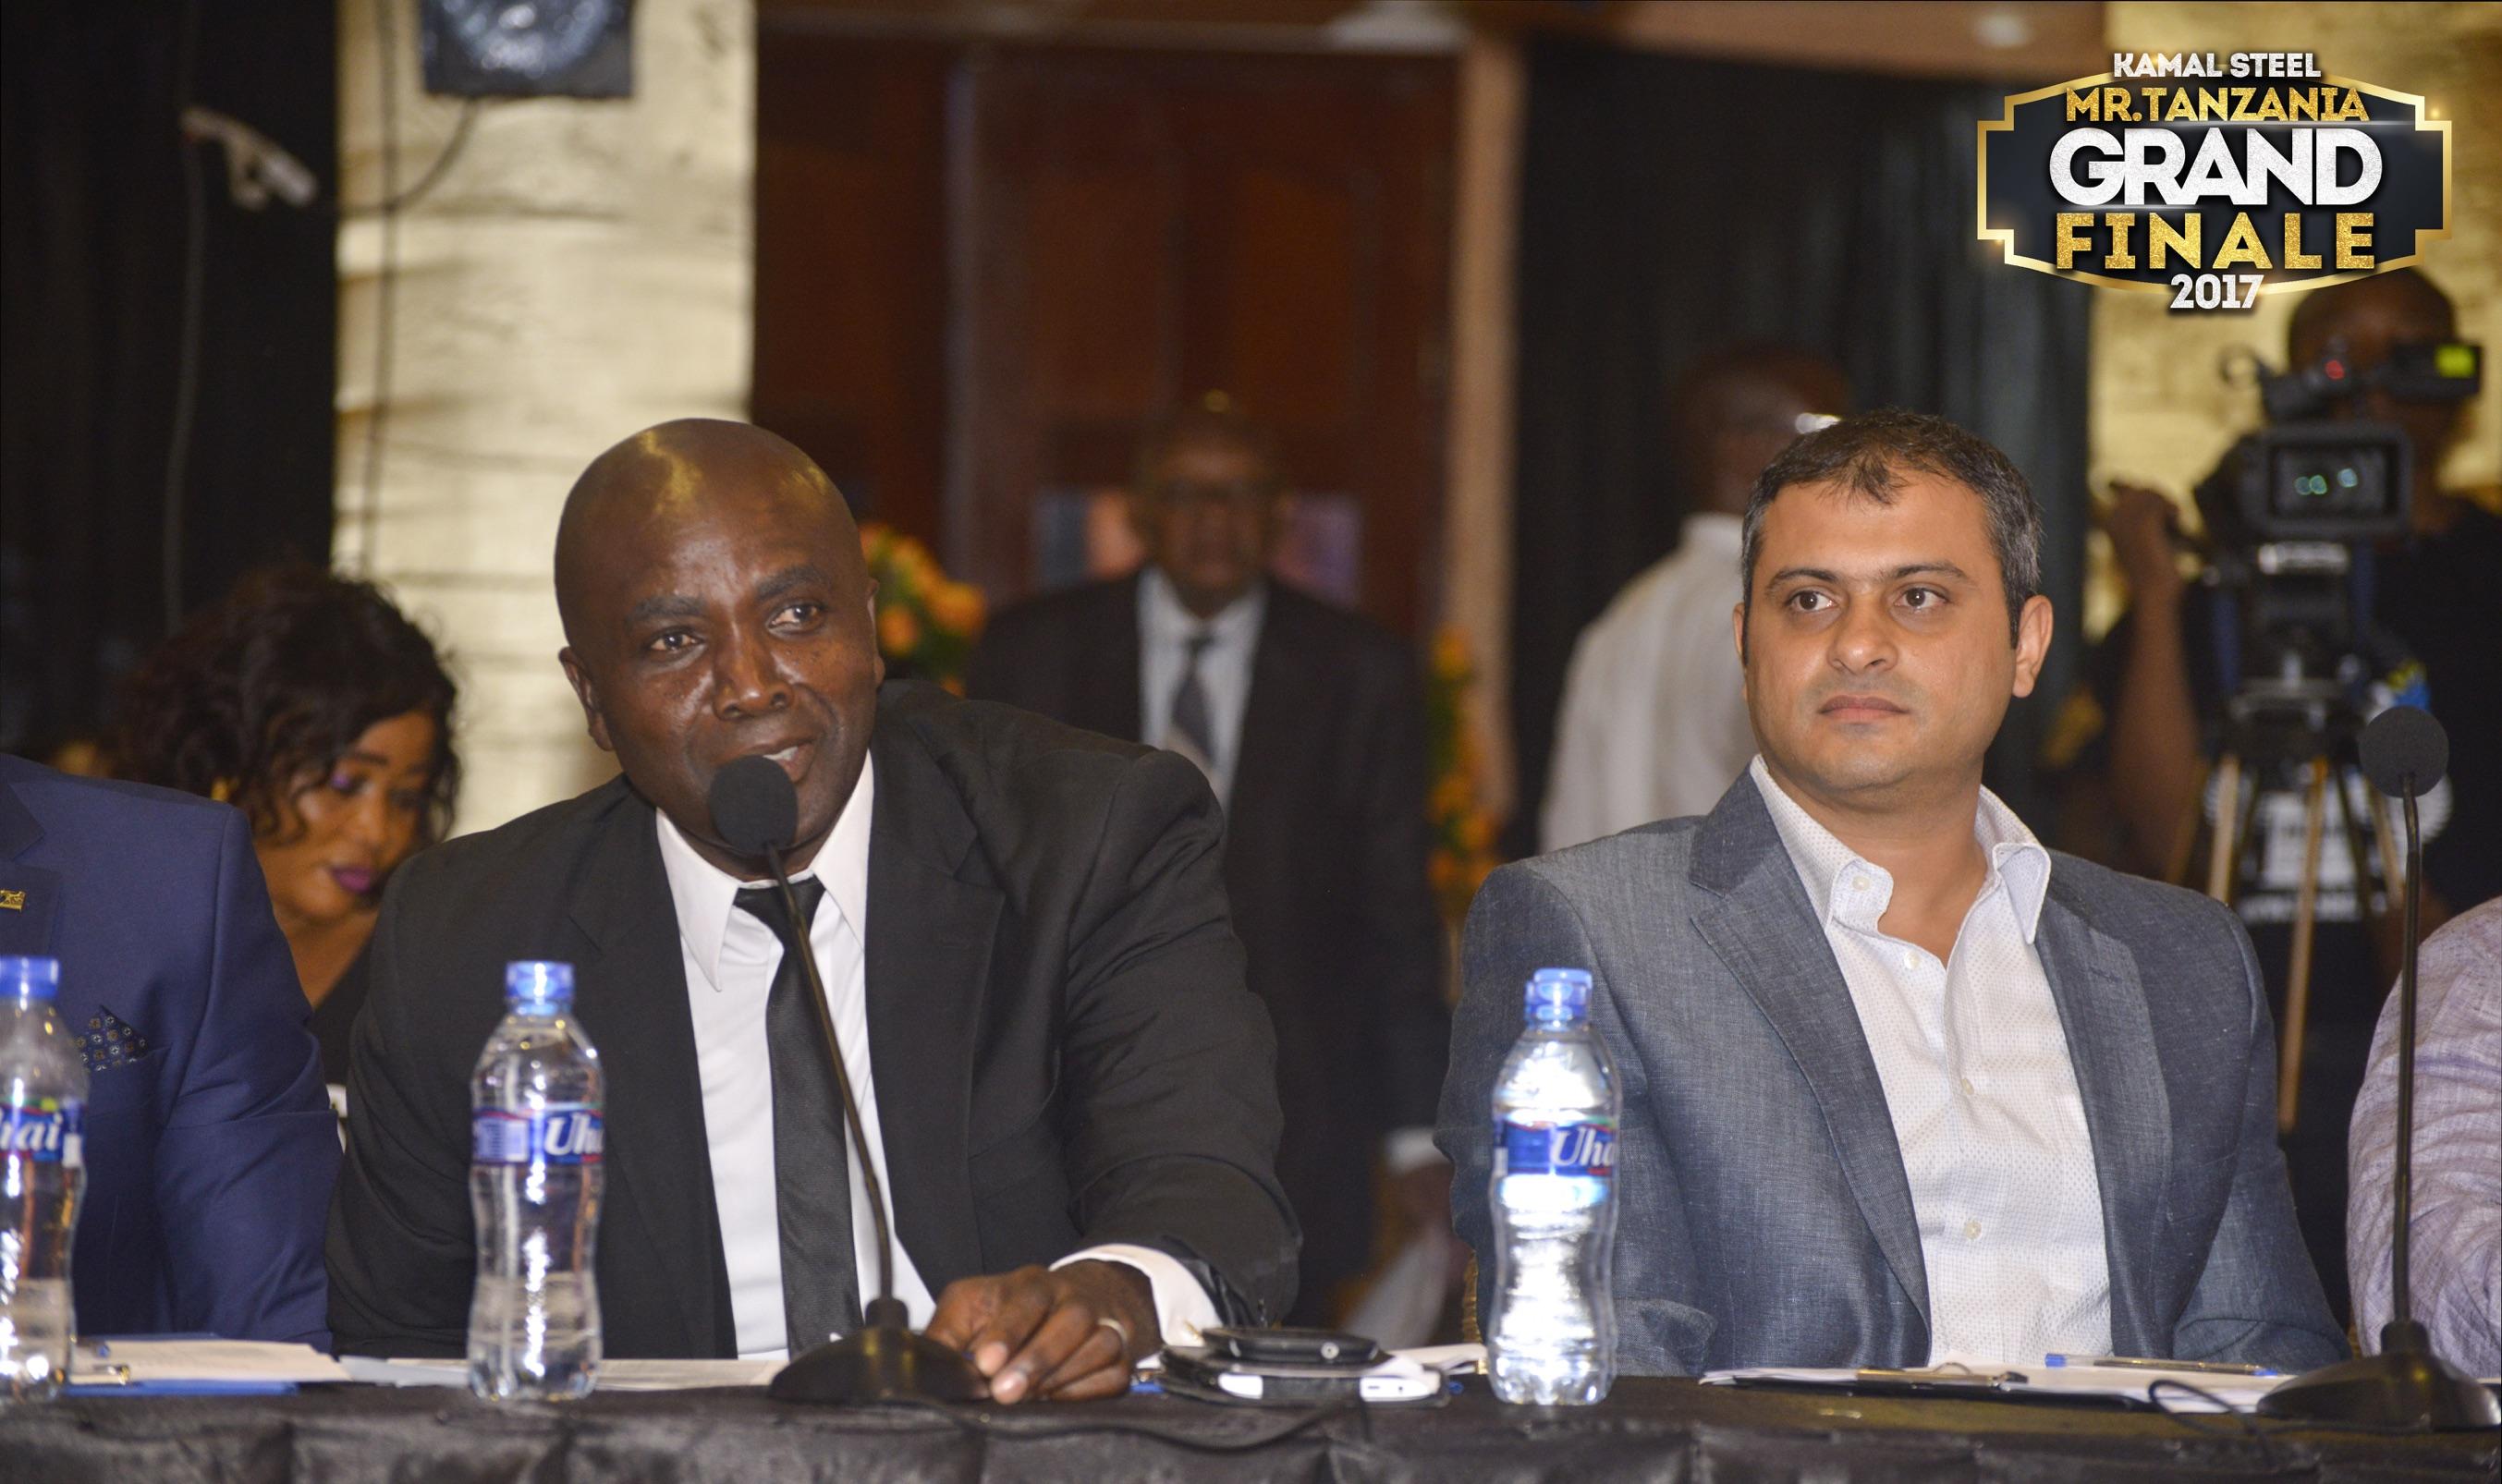 Mr. Tanzania Judges